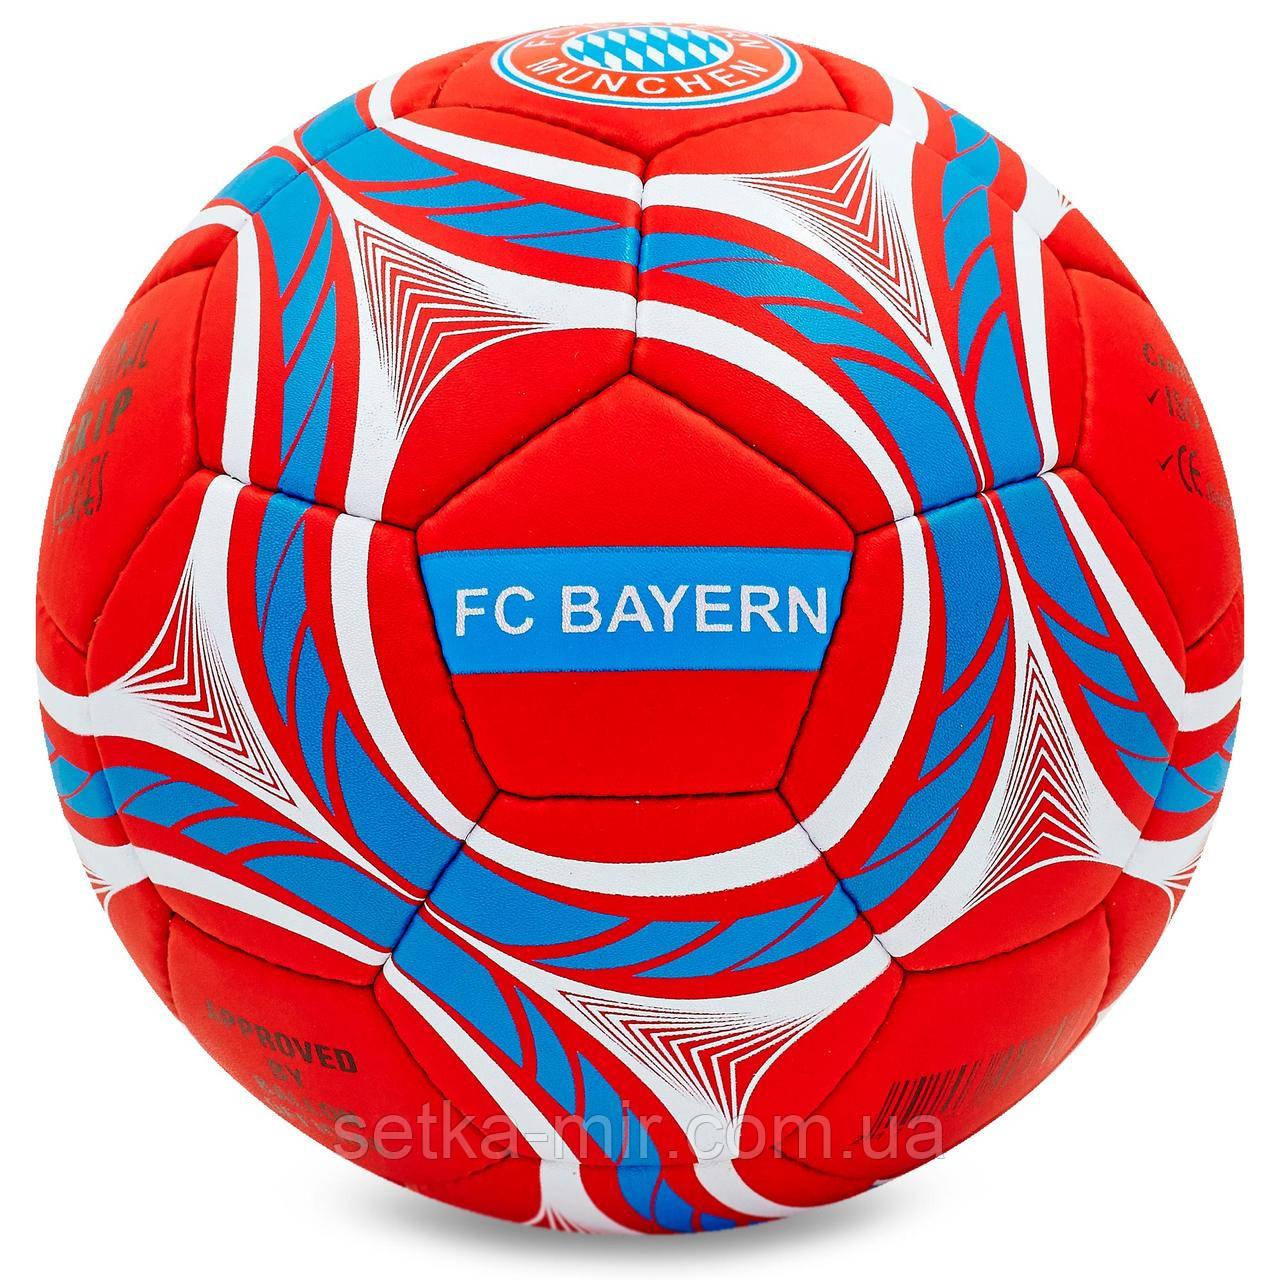 М'яч футбольний №5 грипу 5сл. BAYERN MUNCHEN FB-0047-158 (№5, 5 сл., Зшитий вручну)